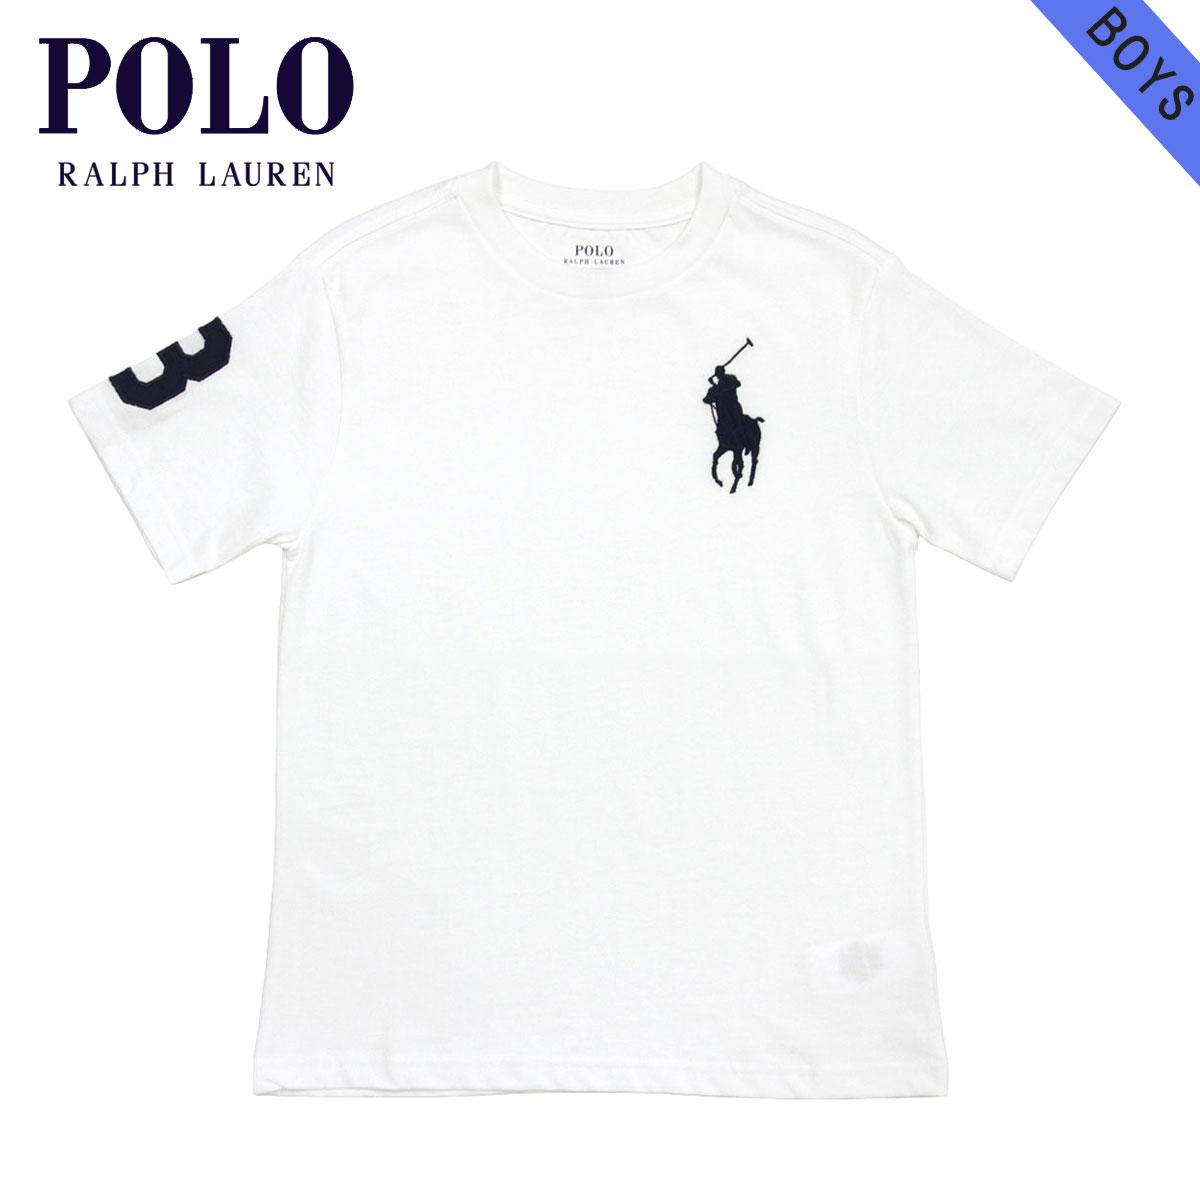 ポロ ラルフローレンキッズ POLO RALPH LAUREN CHILDREN 正規品 子供服 ボーイズ ビッグポニー 半袖Tシャツ BIG PONY TEE